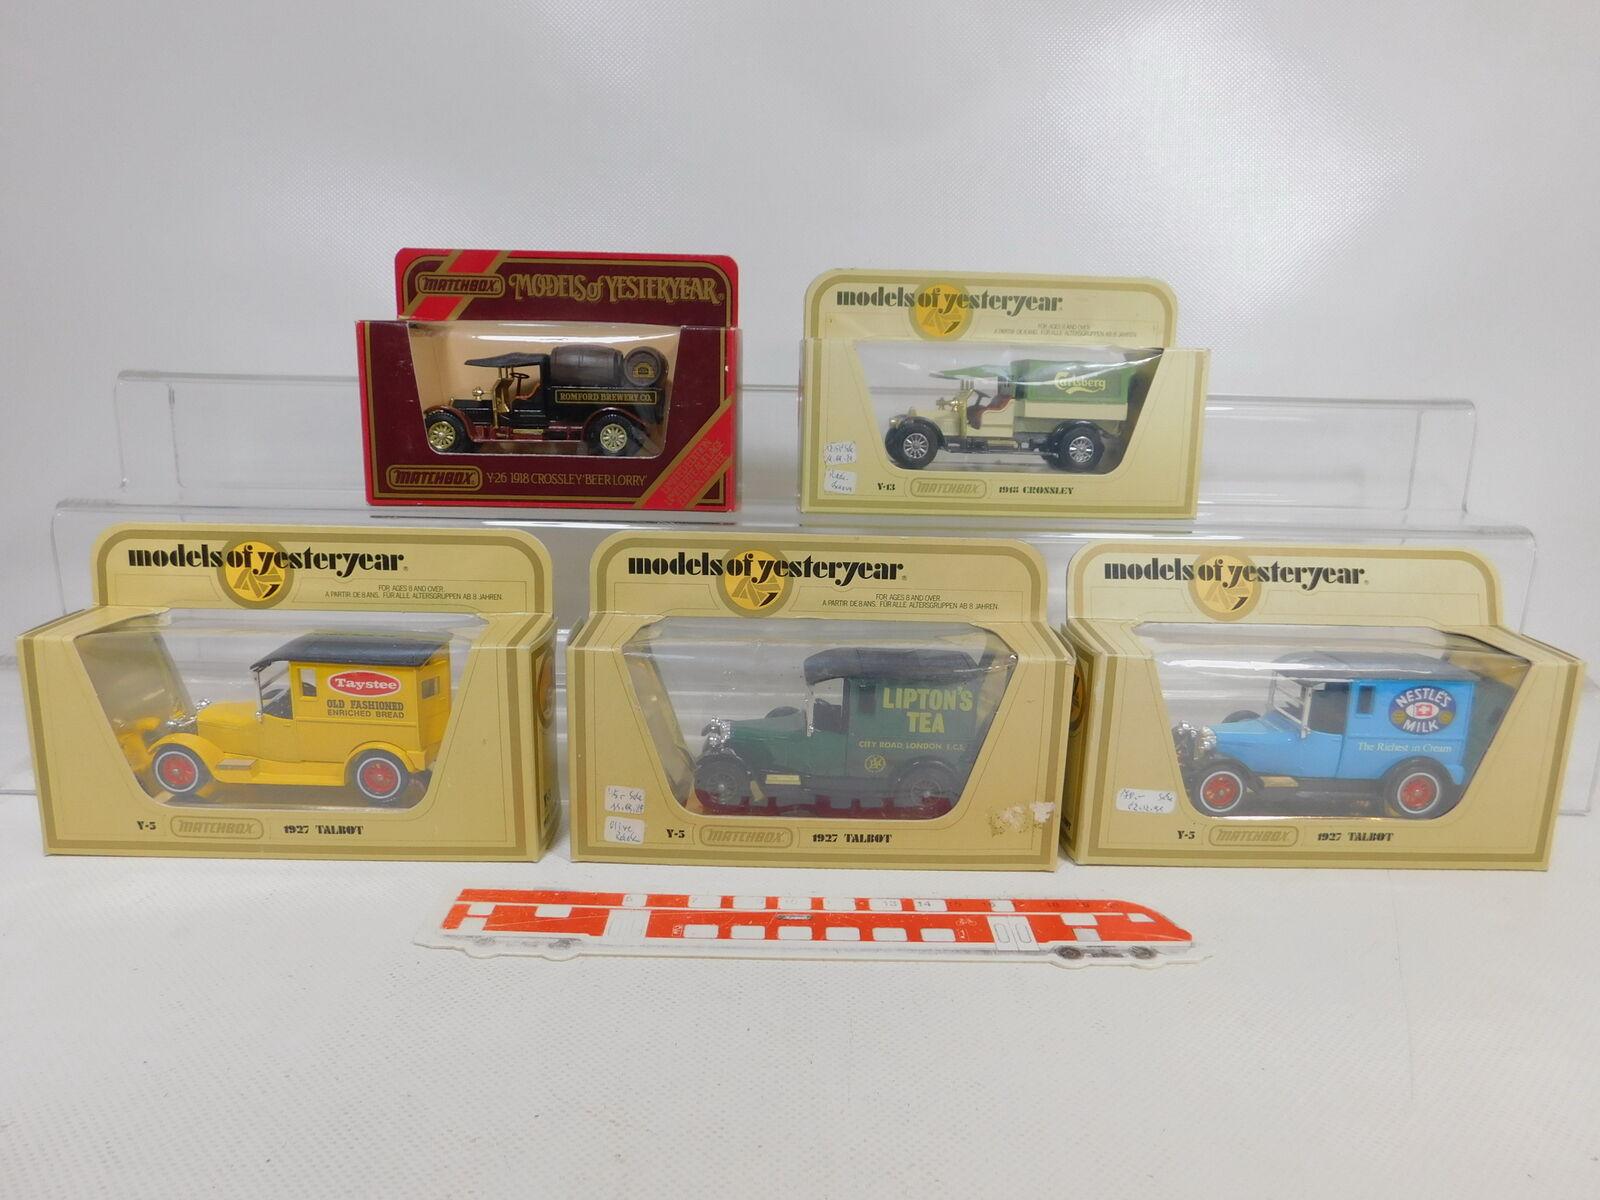 CA186-2  5x Matchscatola 1 47 modellolo  Y-5 Talbot Y-13 Y-26 Crossley, Molto Gut scatola